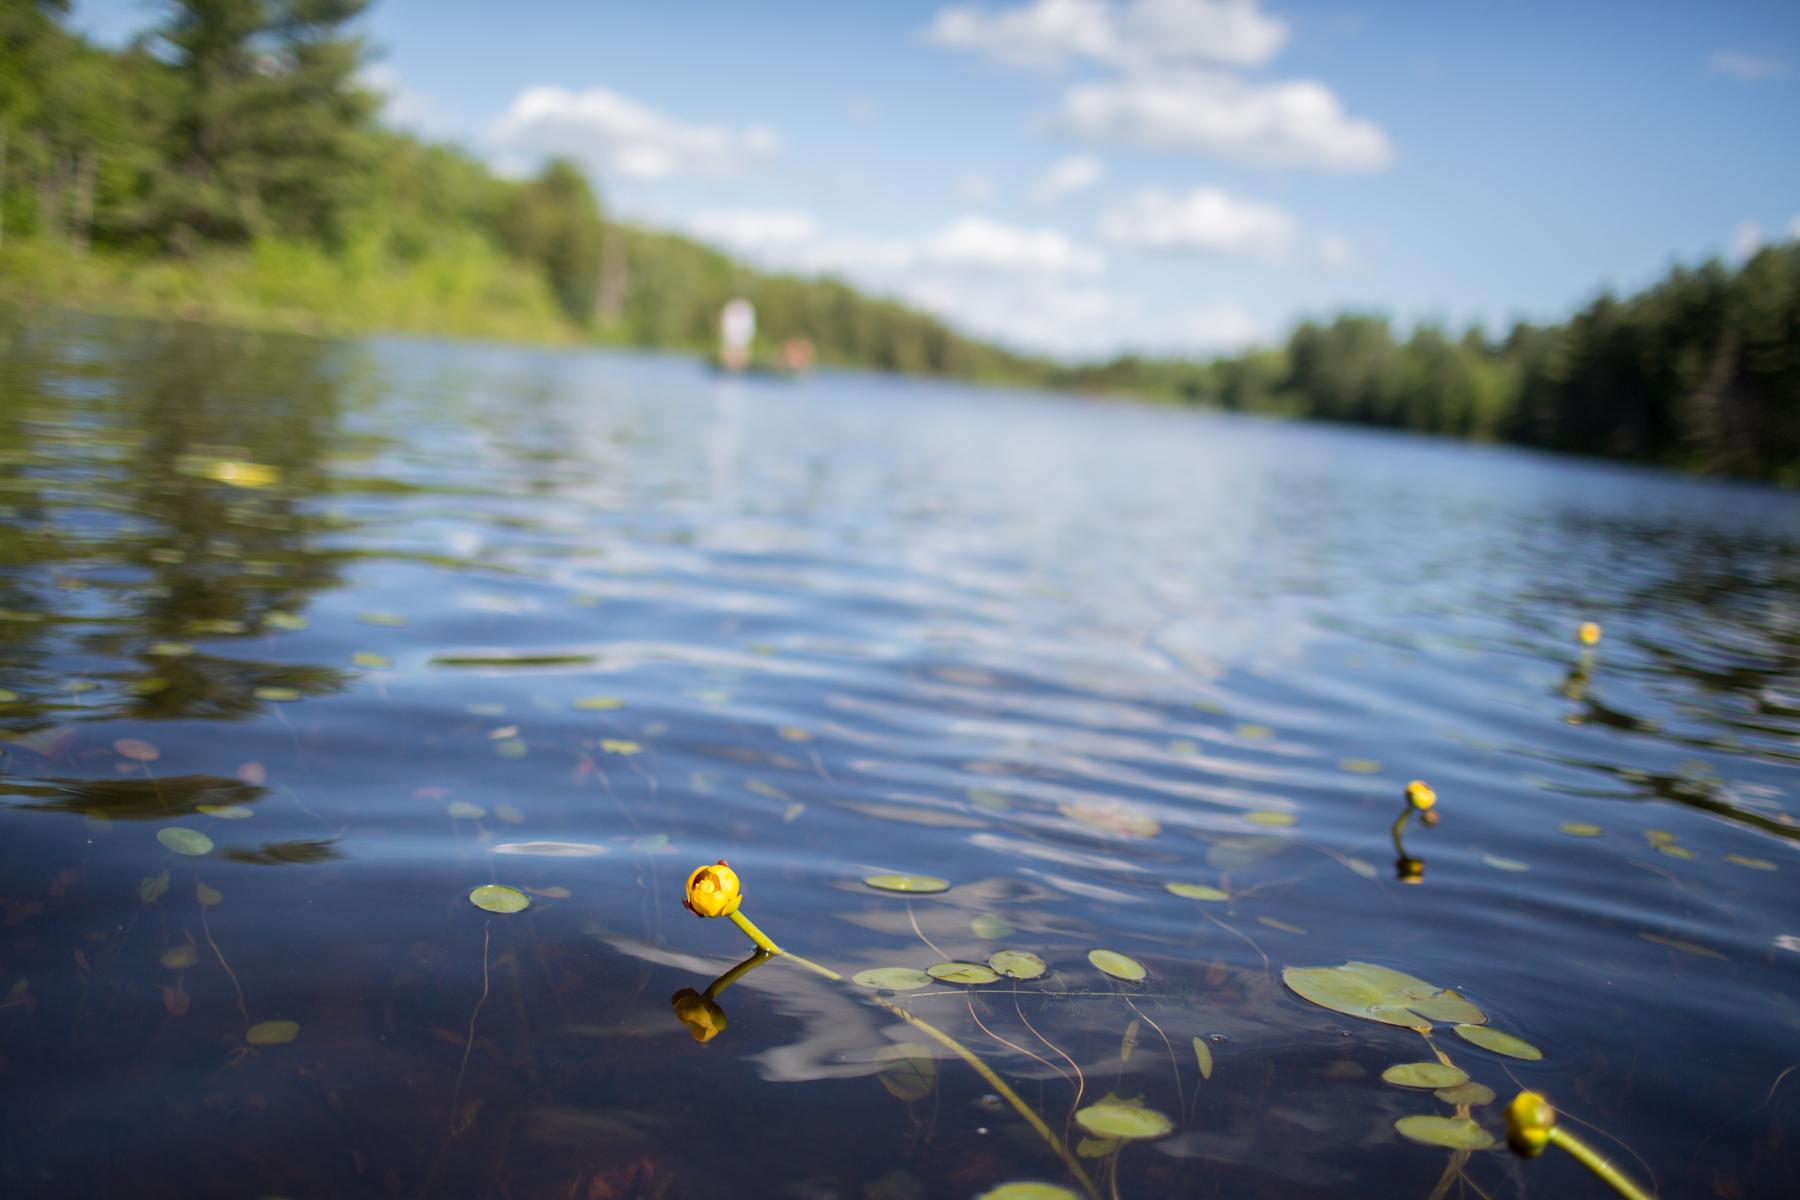 Yoga2Go_Canoeing-5.jpg